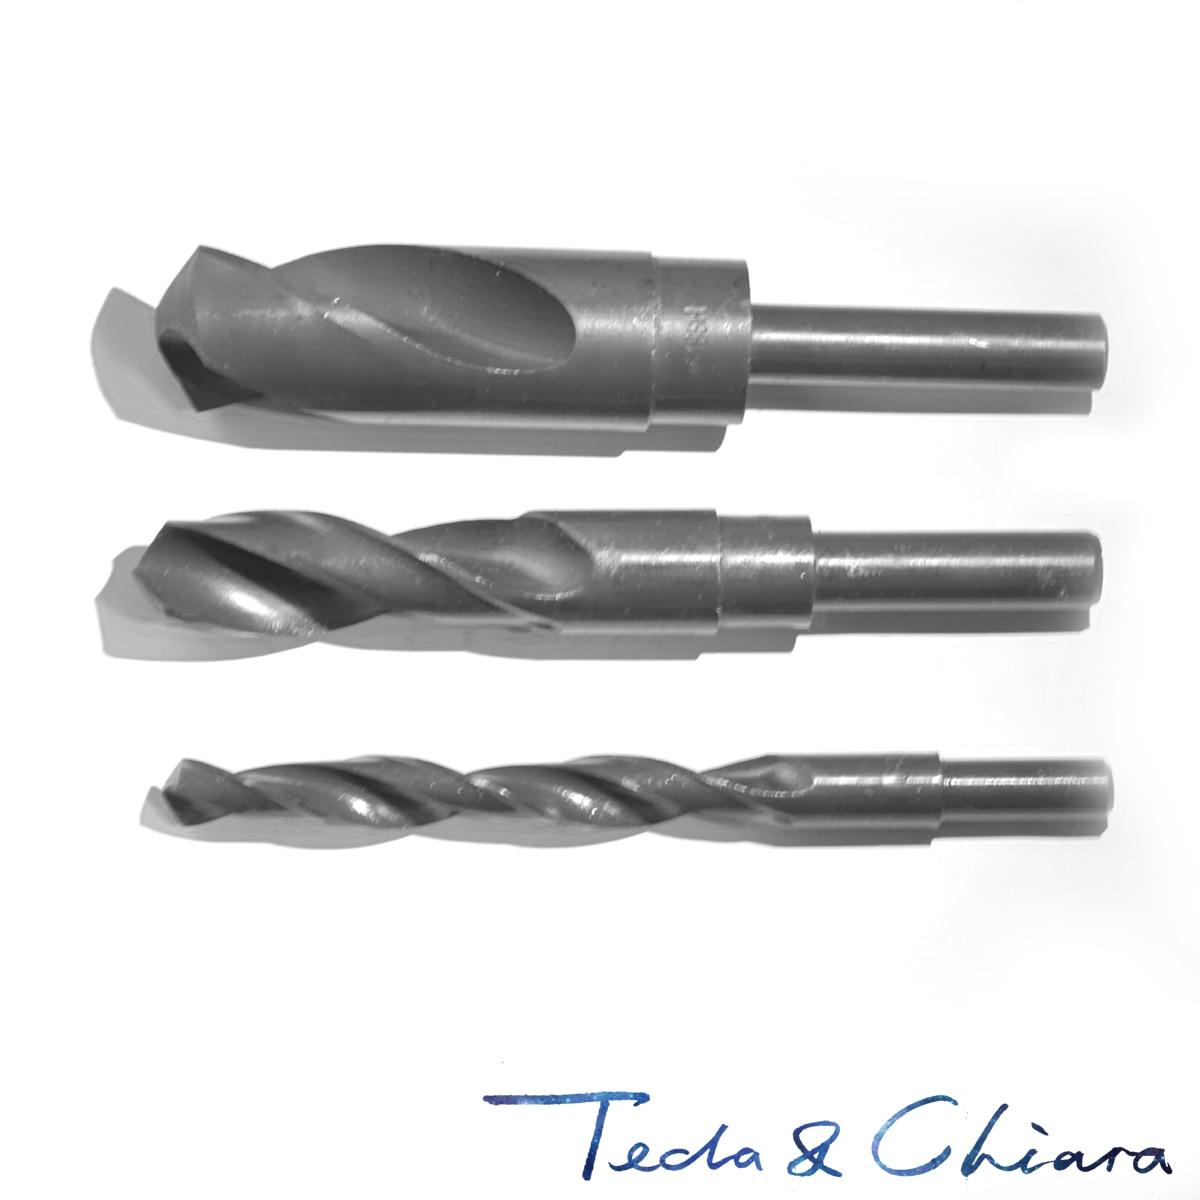 21.6mm 21.7mm 21.8mm 21.9mm 22mm HSS Reduced Straight Crank Twist Drill Bit Shank Dia 12.7mm 1/2 Inch 21.6 21.7 21.8 21.9 22